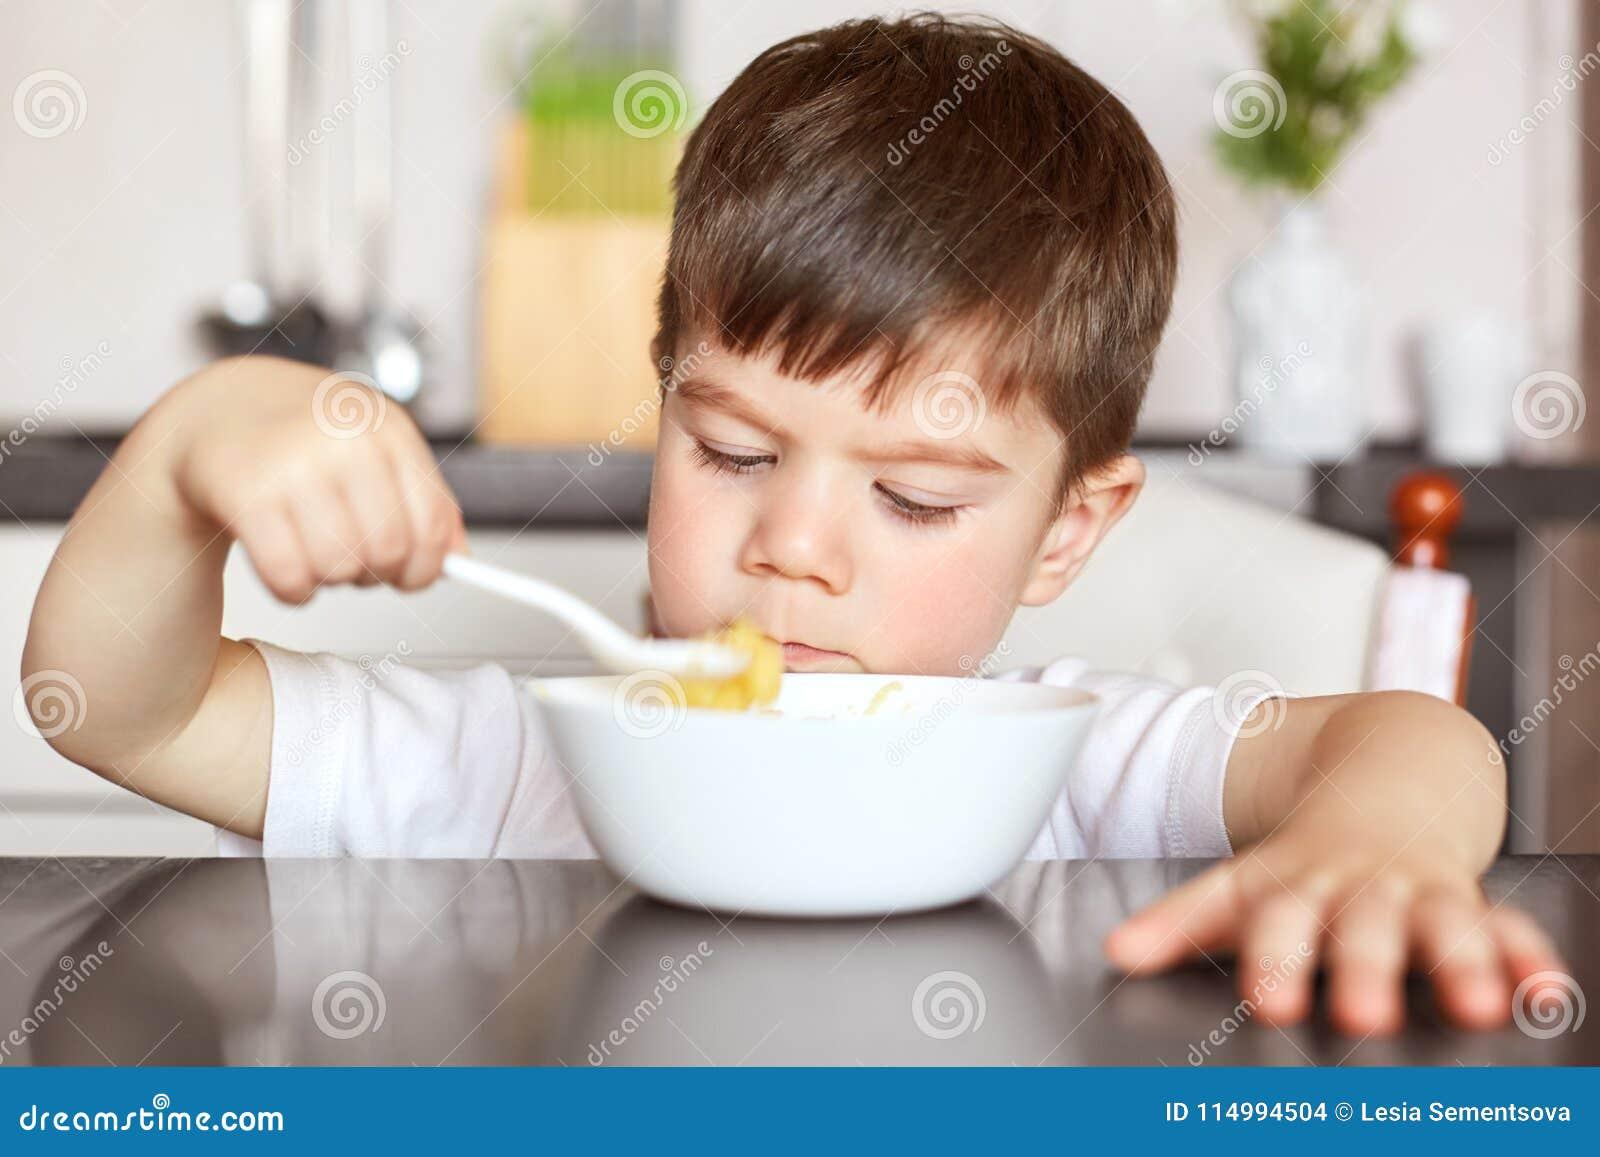 Konzept der gesunden Ernährung und der Kinder Hübsches kleines Kind isst mit dem köstlichen Brei des großen Appetits, der von der